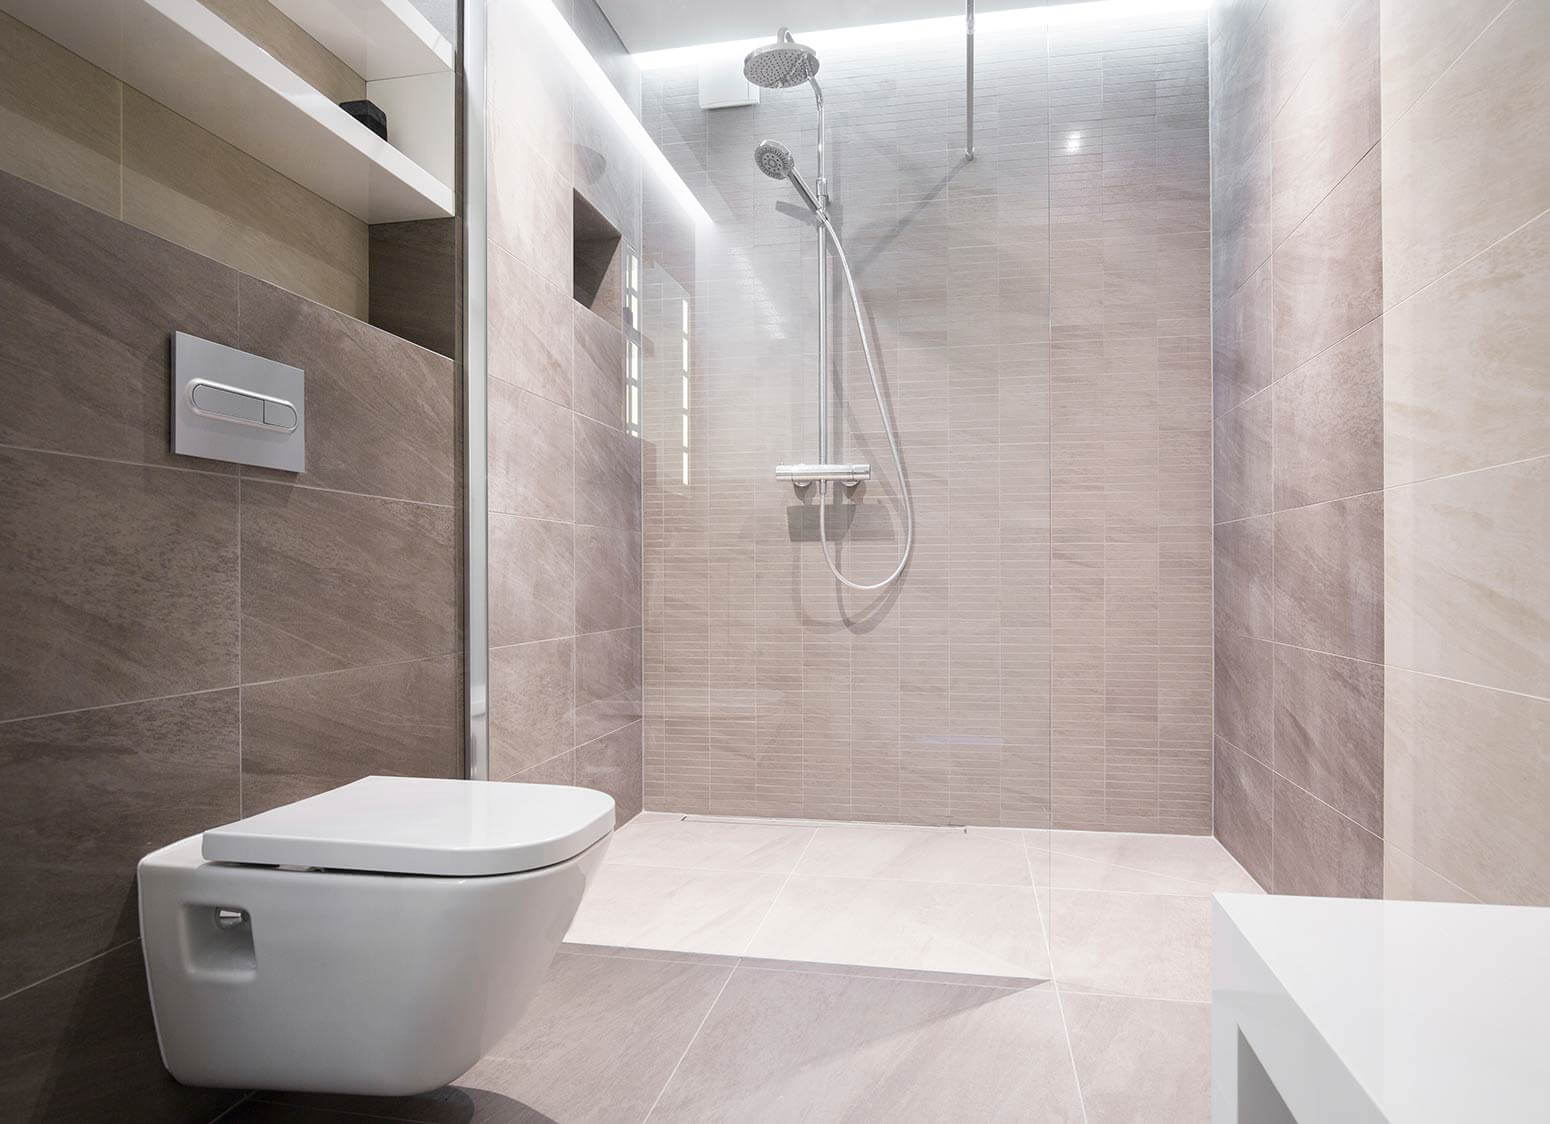 Wet Rooms Scunthorpe Wet Room Scunthorpe Wet Room Design Scunthorpe